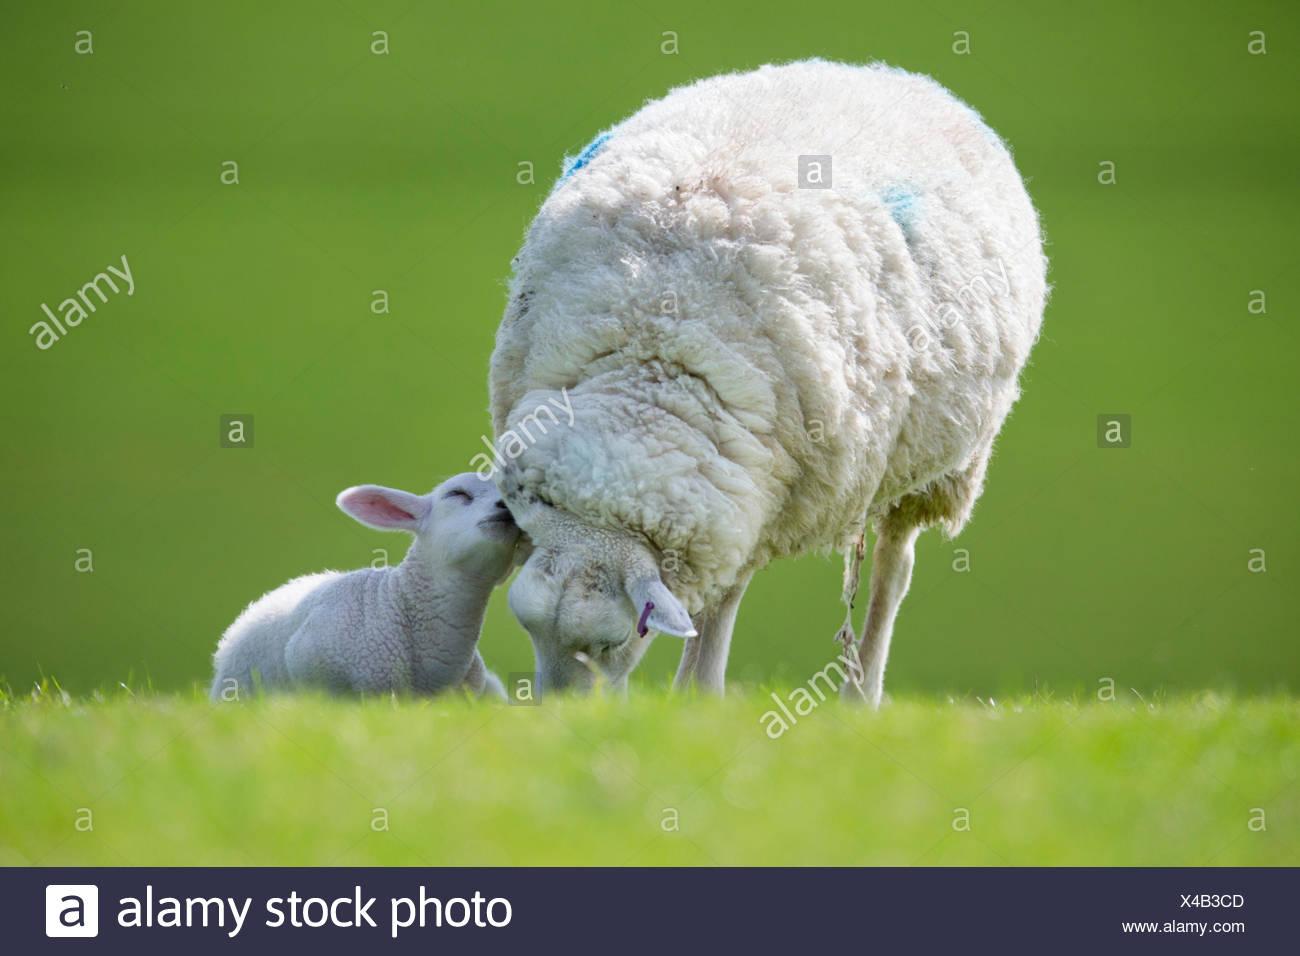 Affettuosa di agnello e di pecore al pascolo in verde campo primaverile Immagini Stock